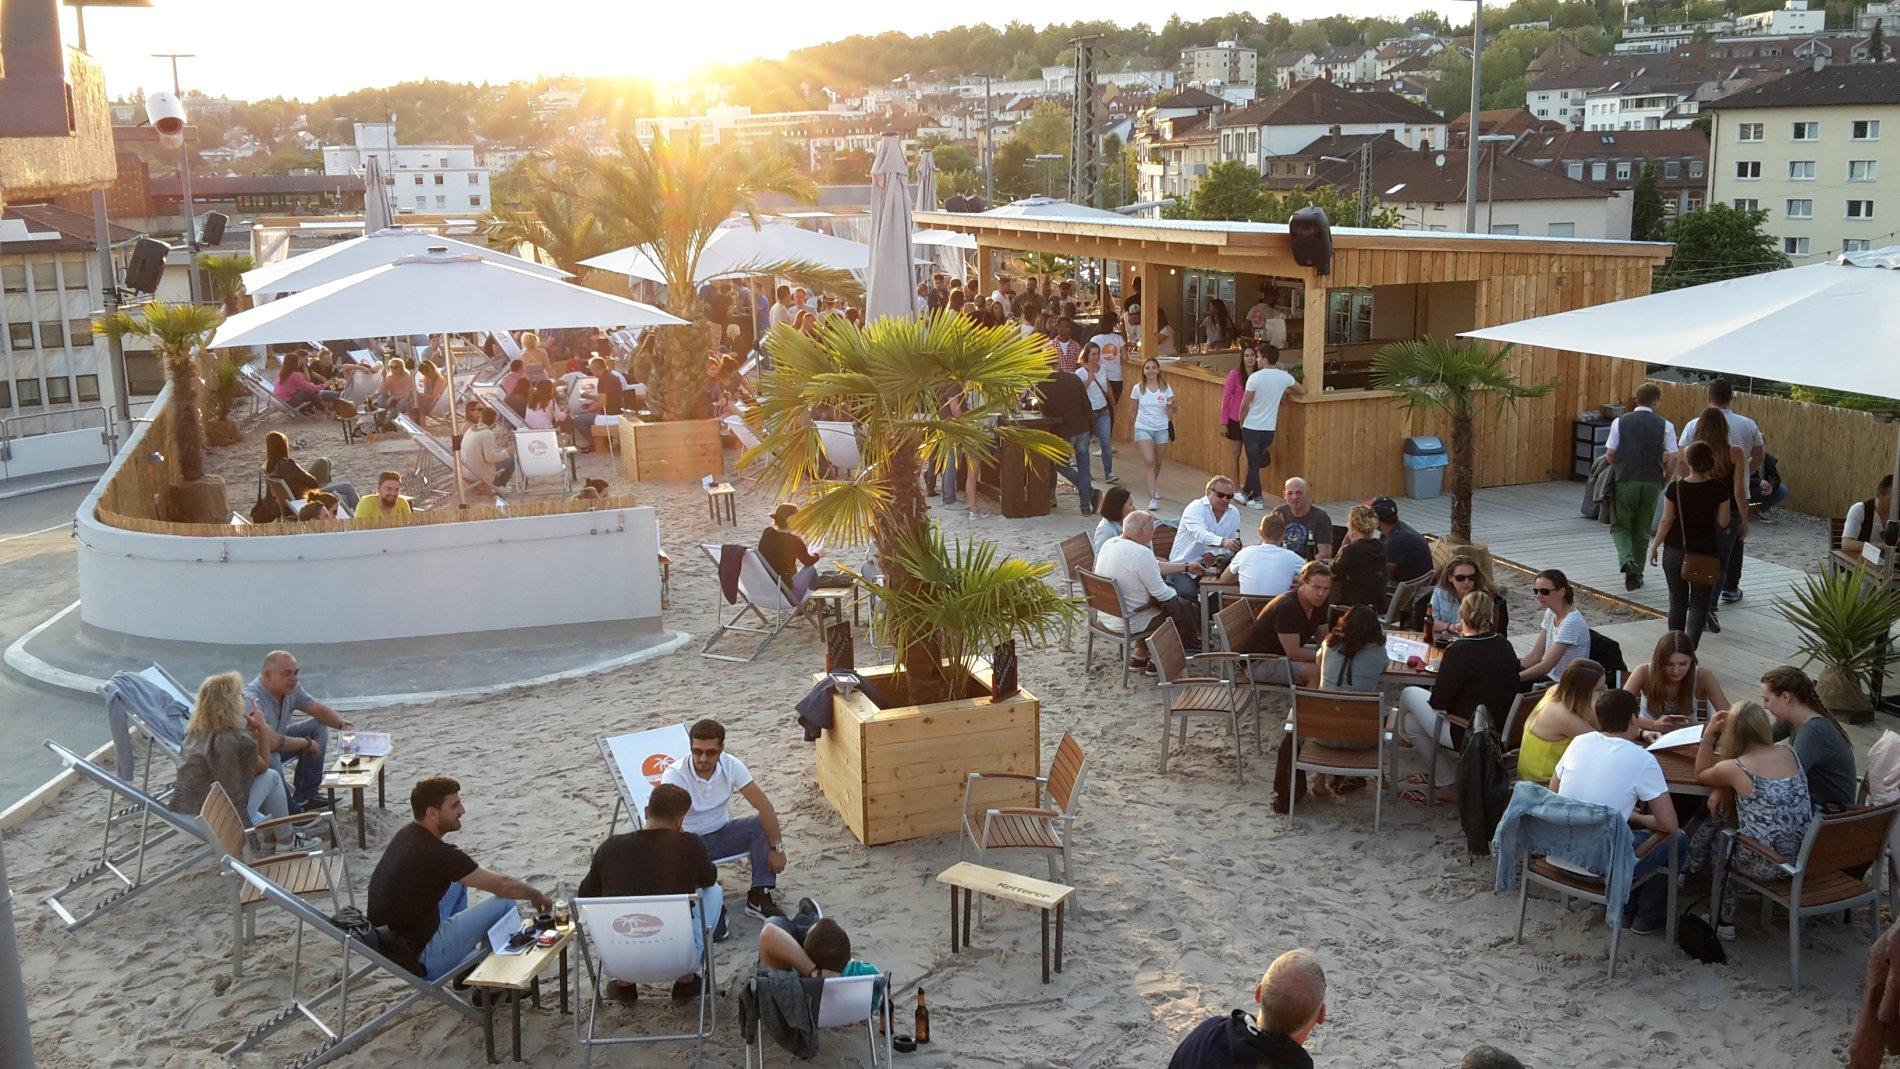 Strandbar mit Menschen auf Liegestühlen und Sitzplätzen